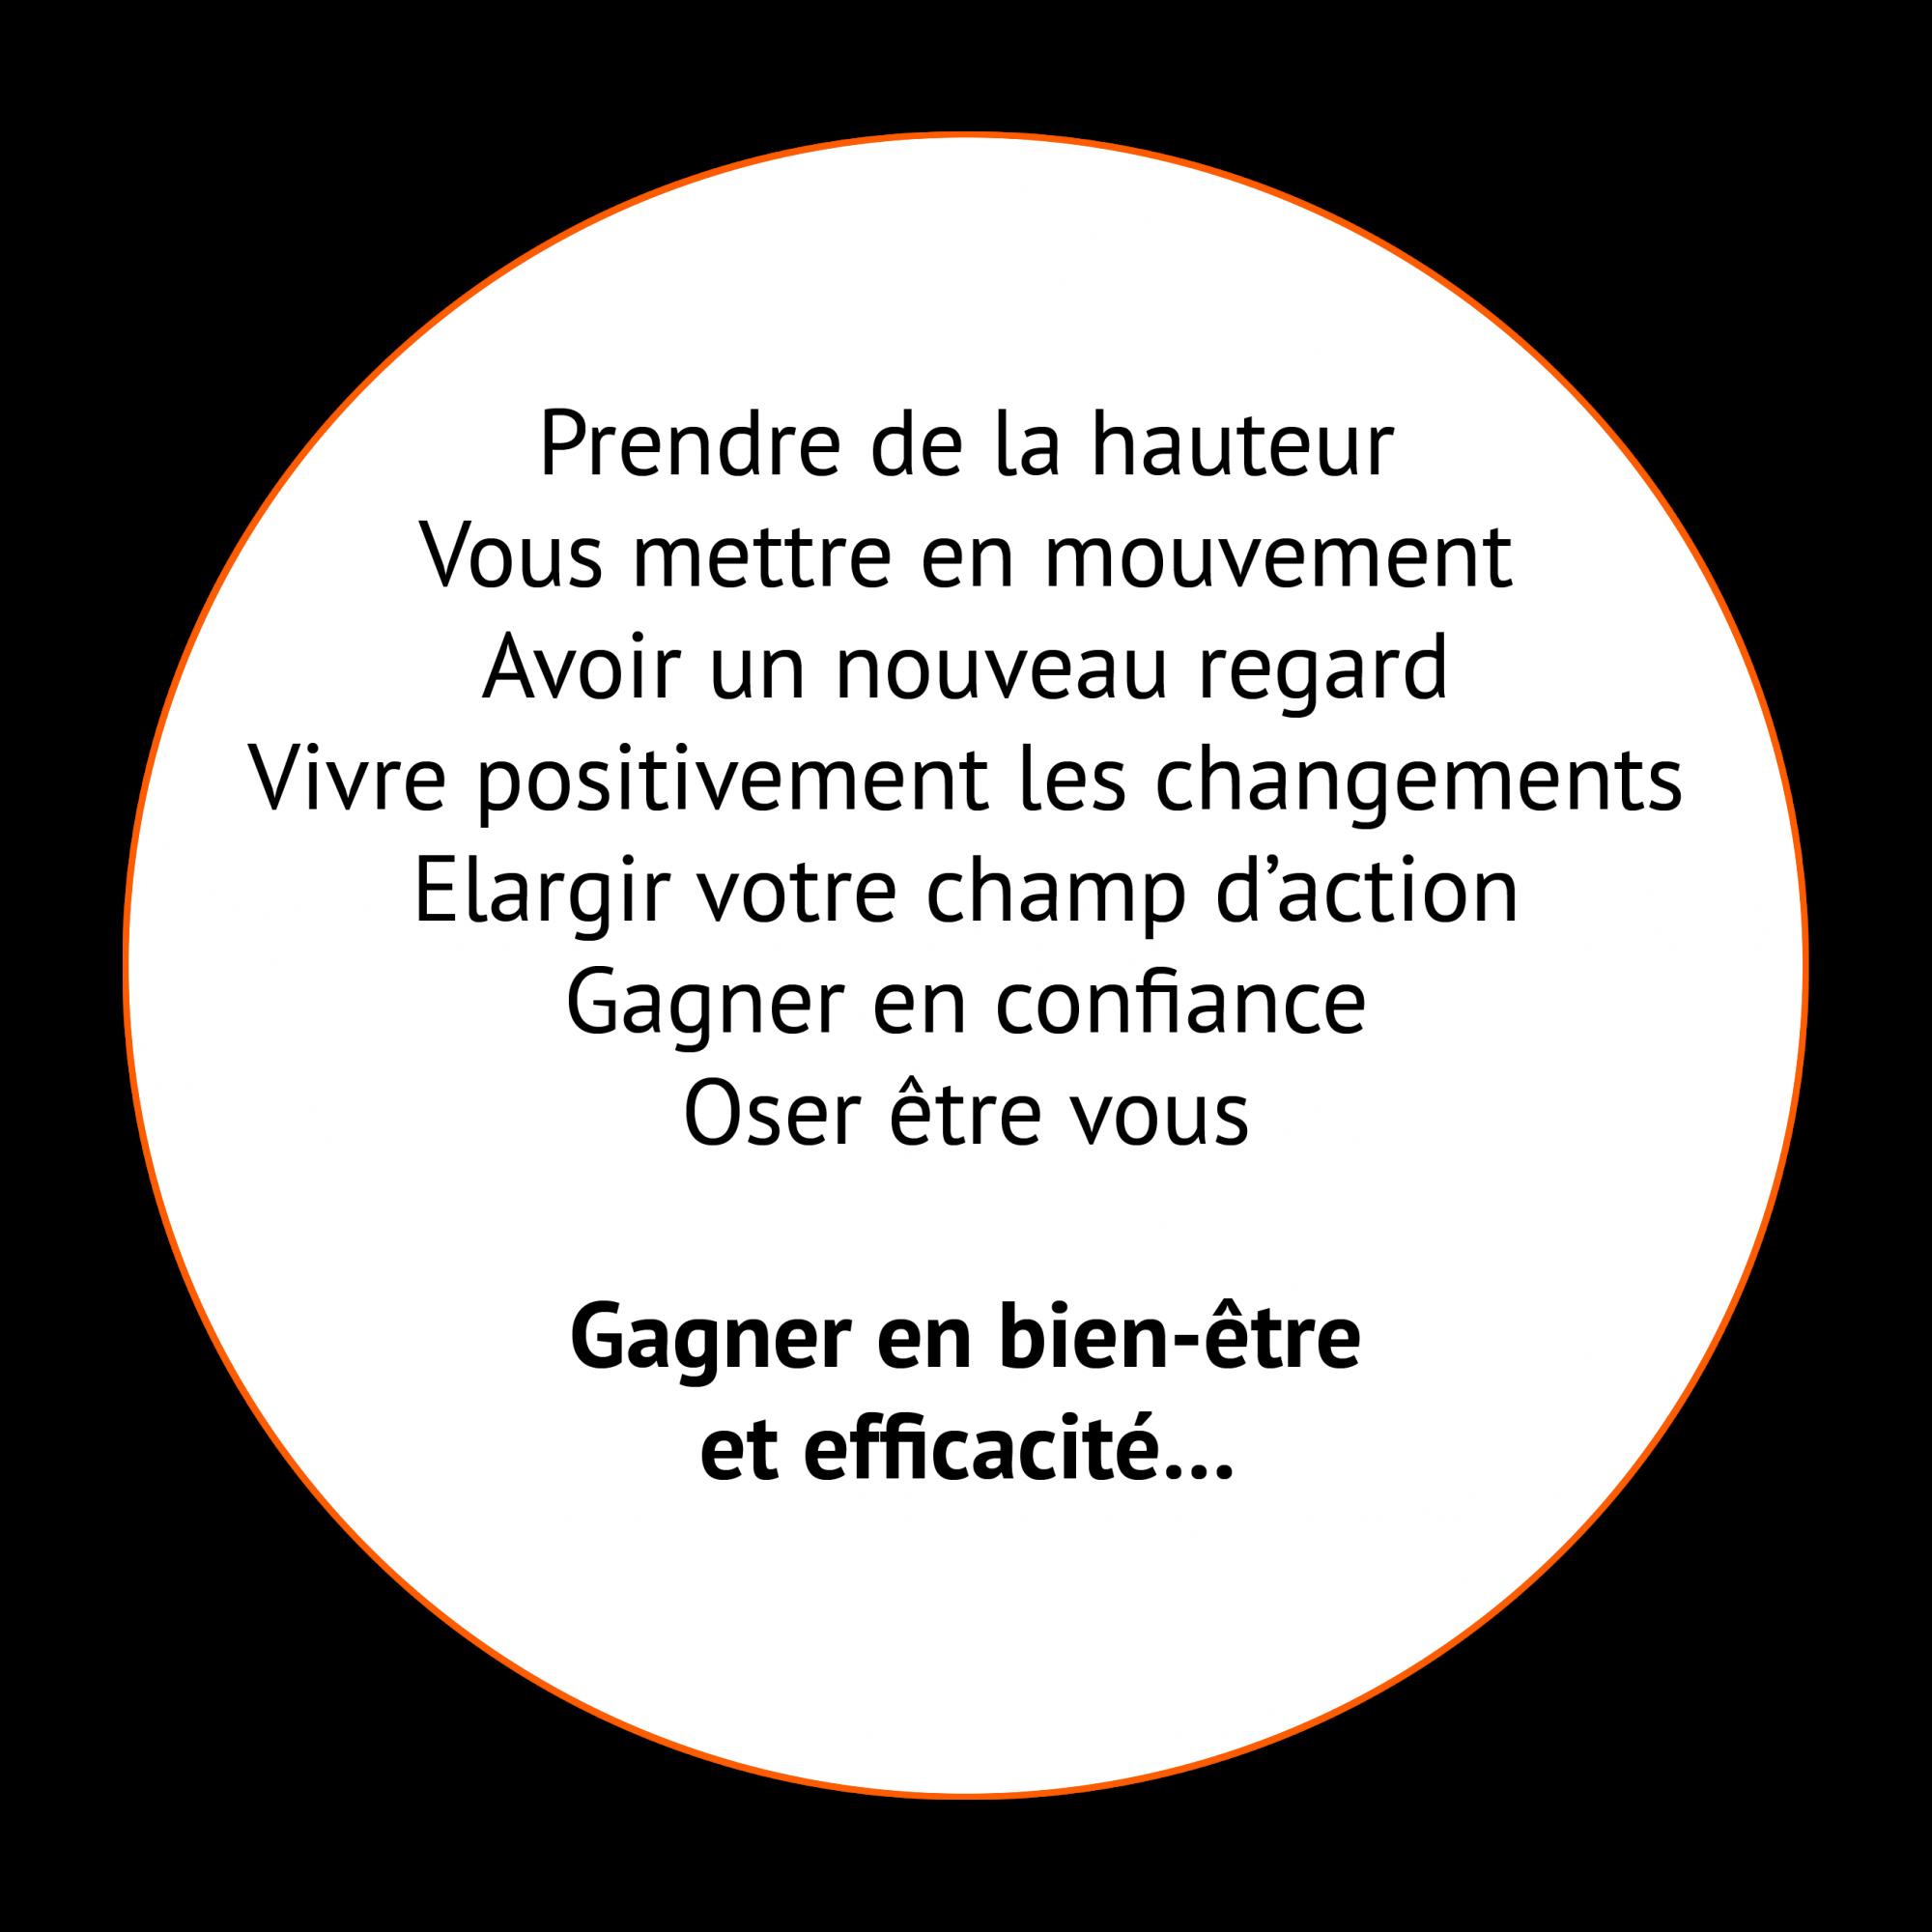 cercle bilan de compétences - Pépites conseil - Christine Desseaux - Lille Métropole